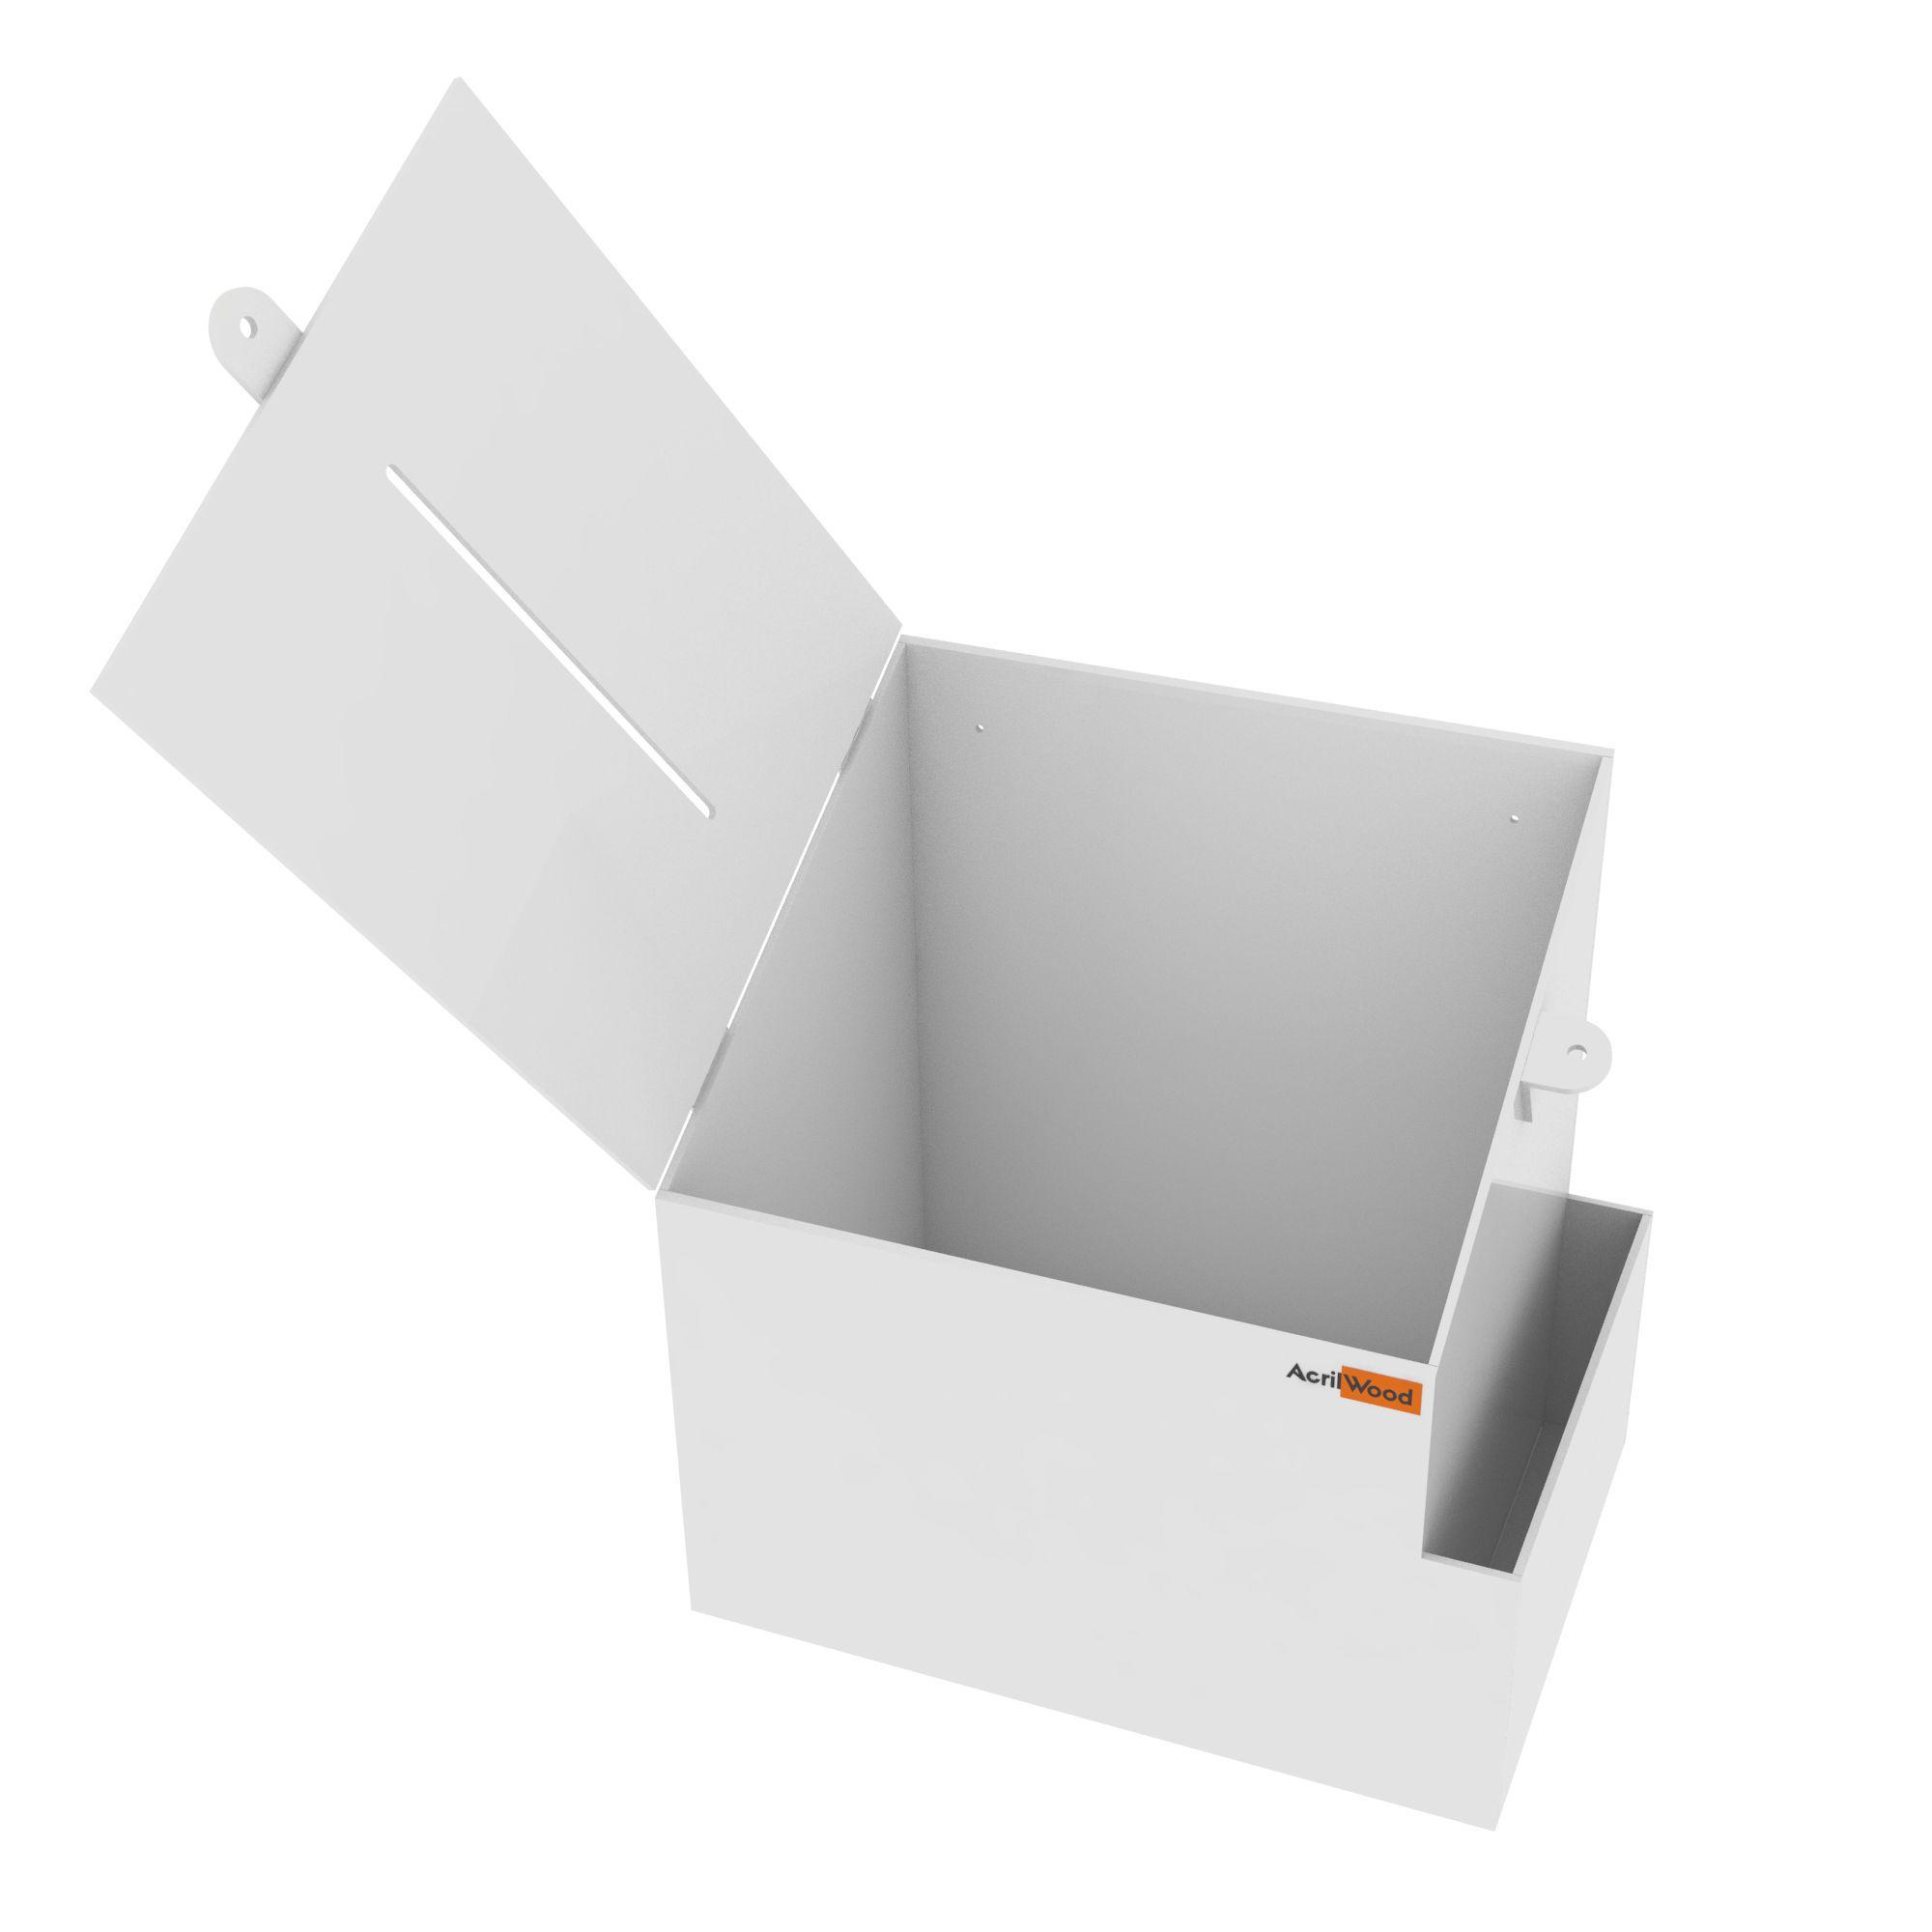 Caixa Sugestão Em Acrílico Branco Grande - 25x20x30cm